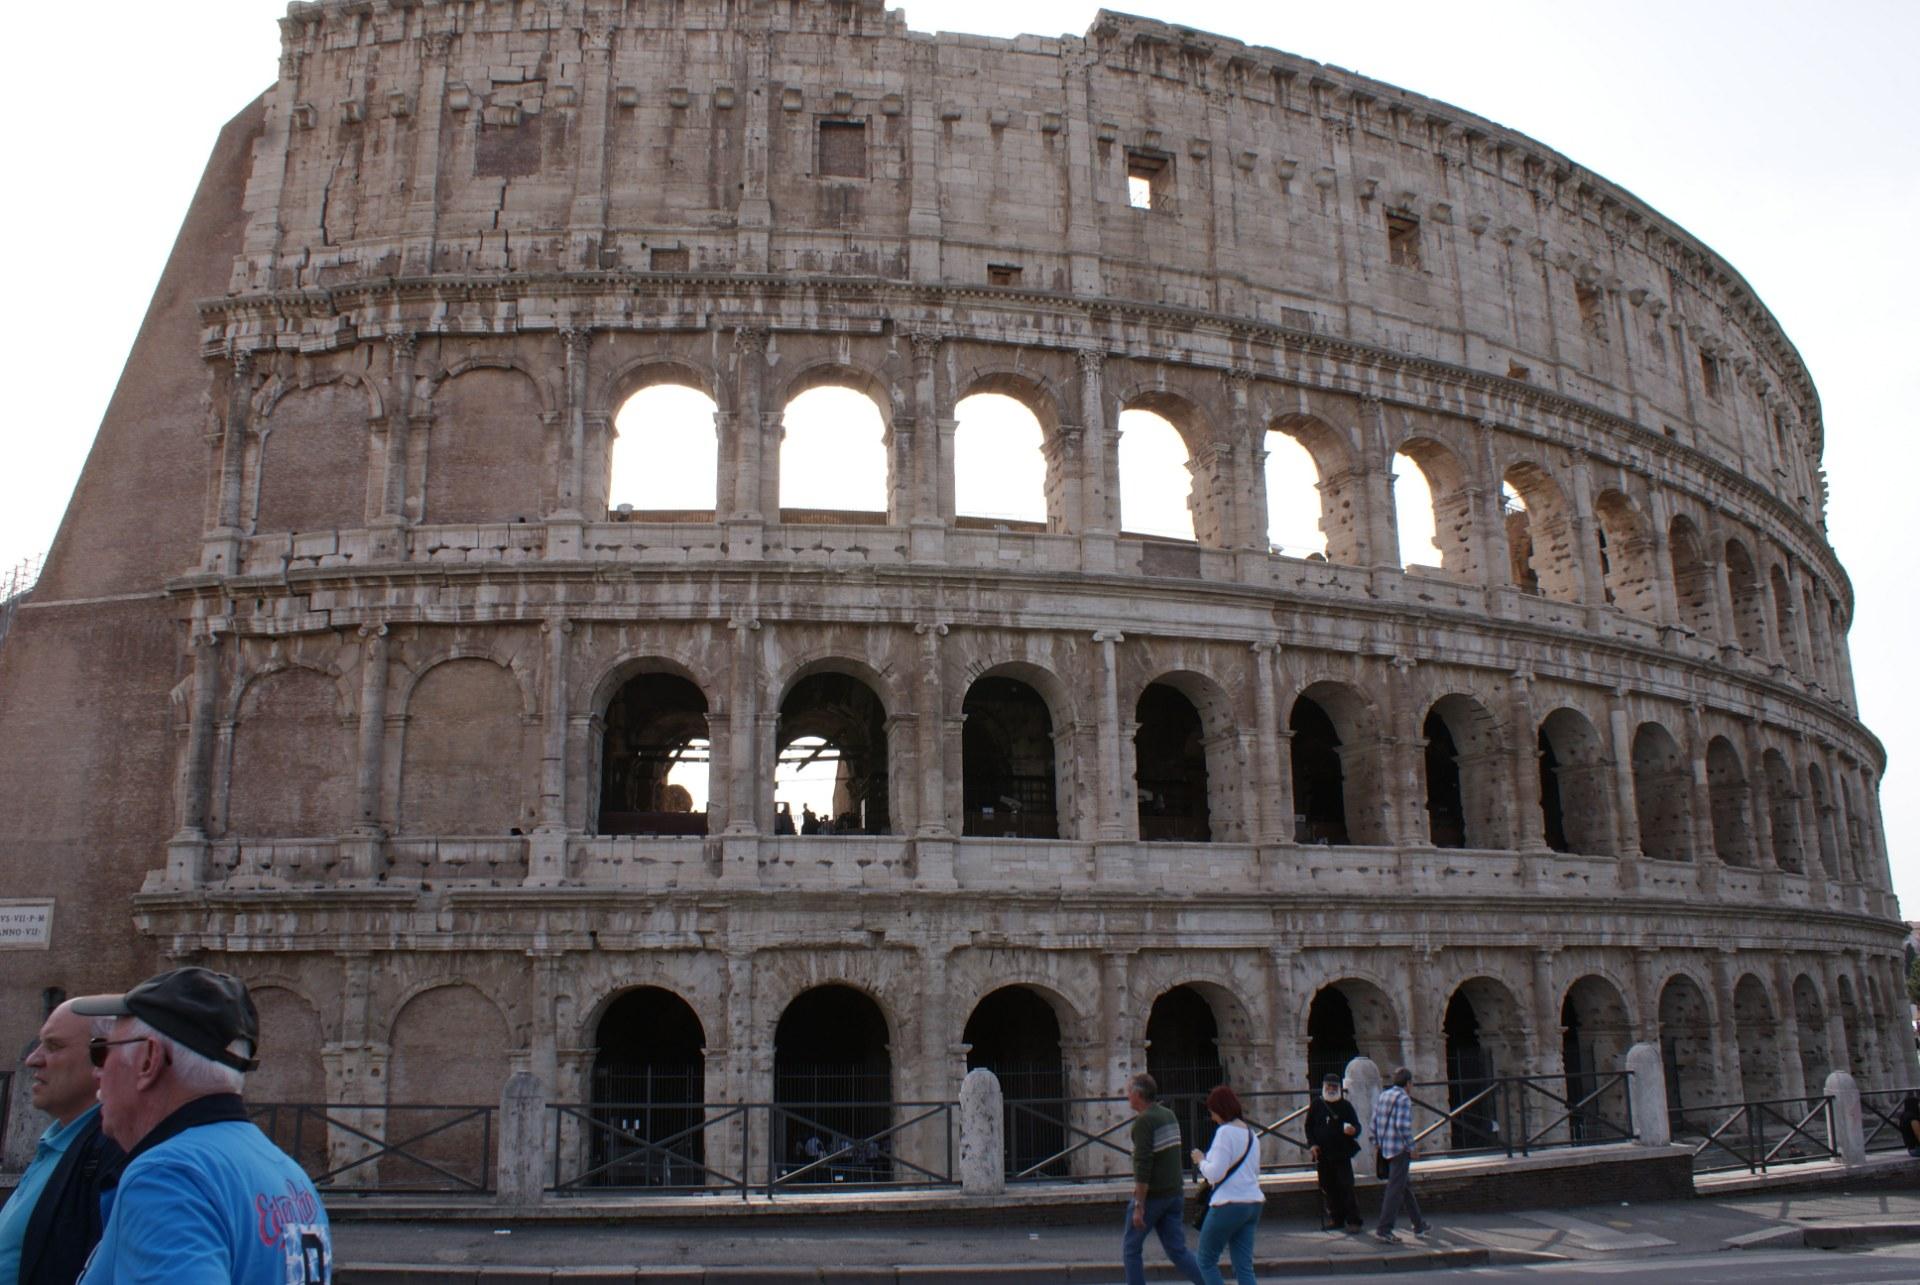 Images - Stald - Rome Printemps 2016 - 04:05 - 40